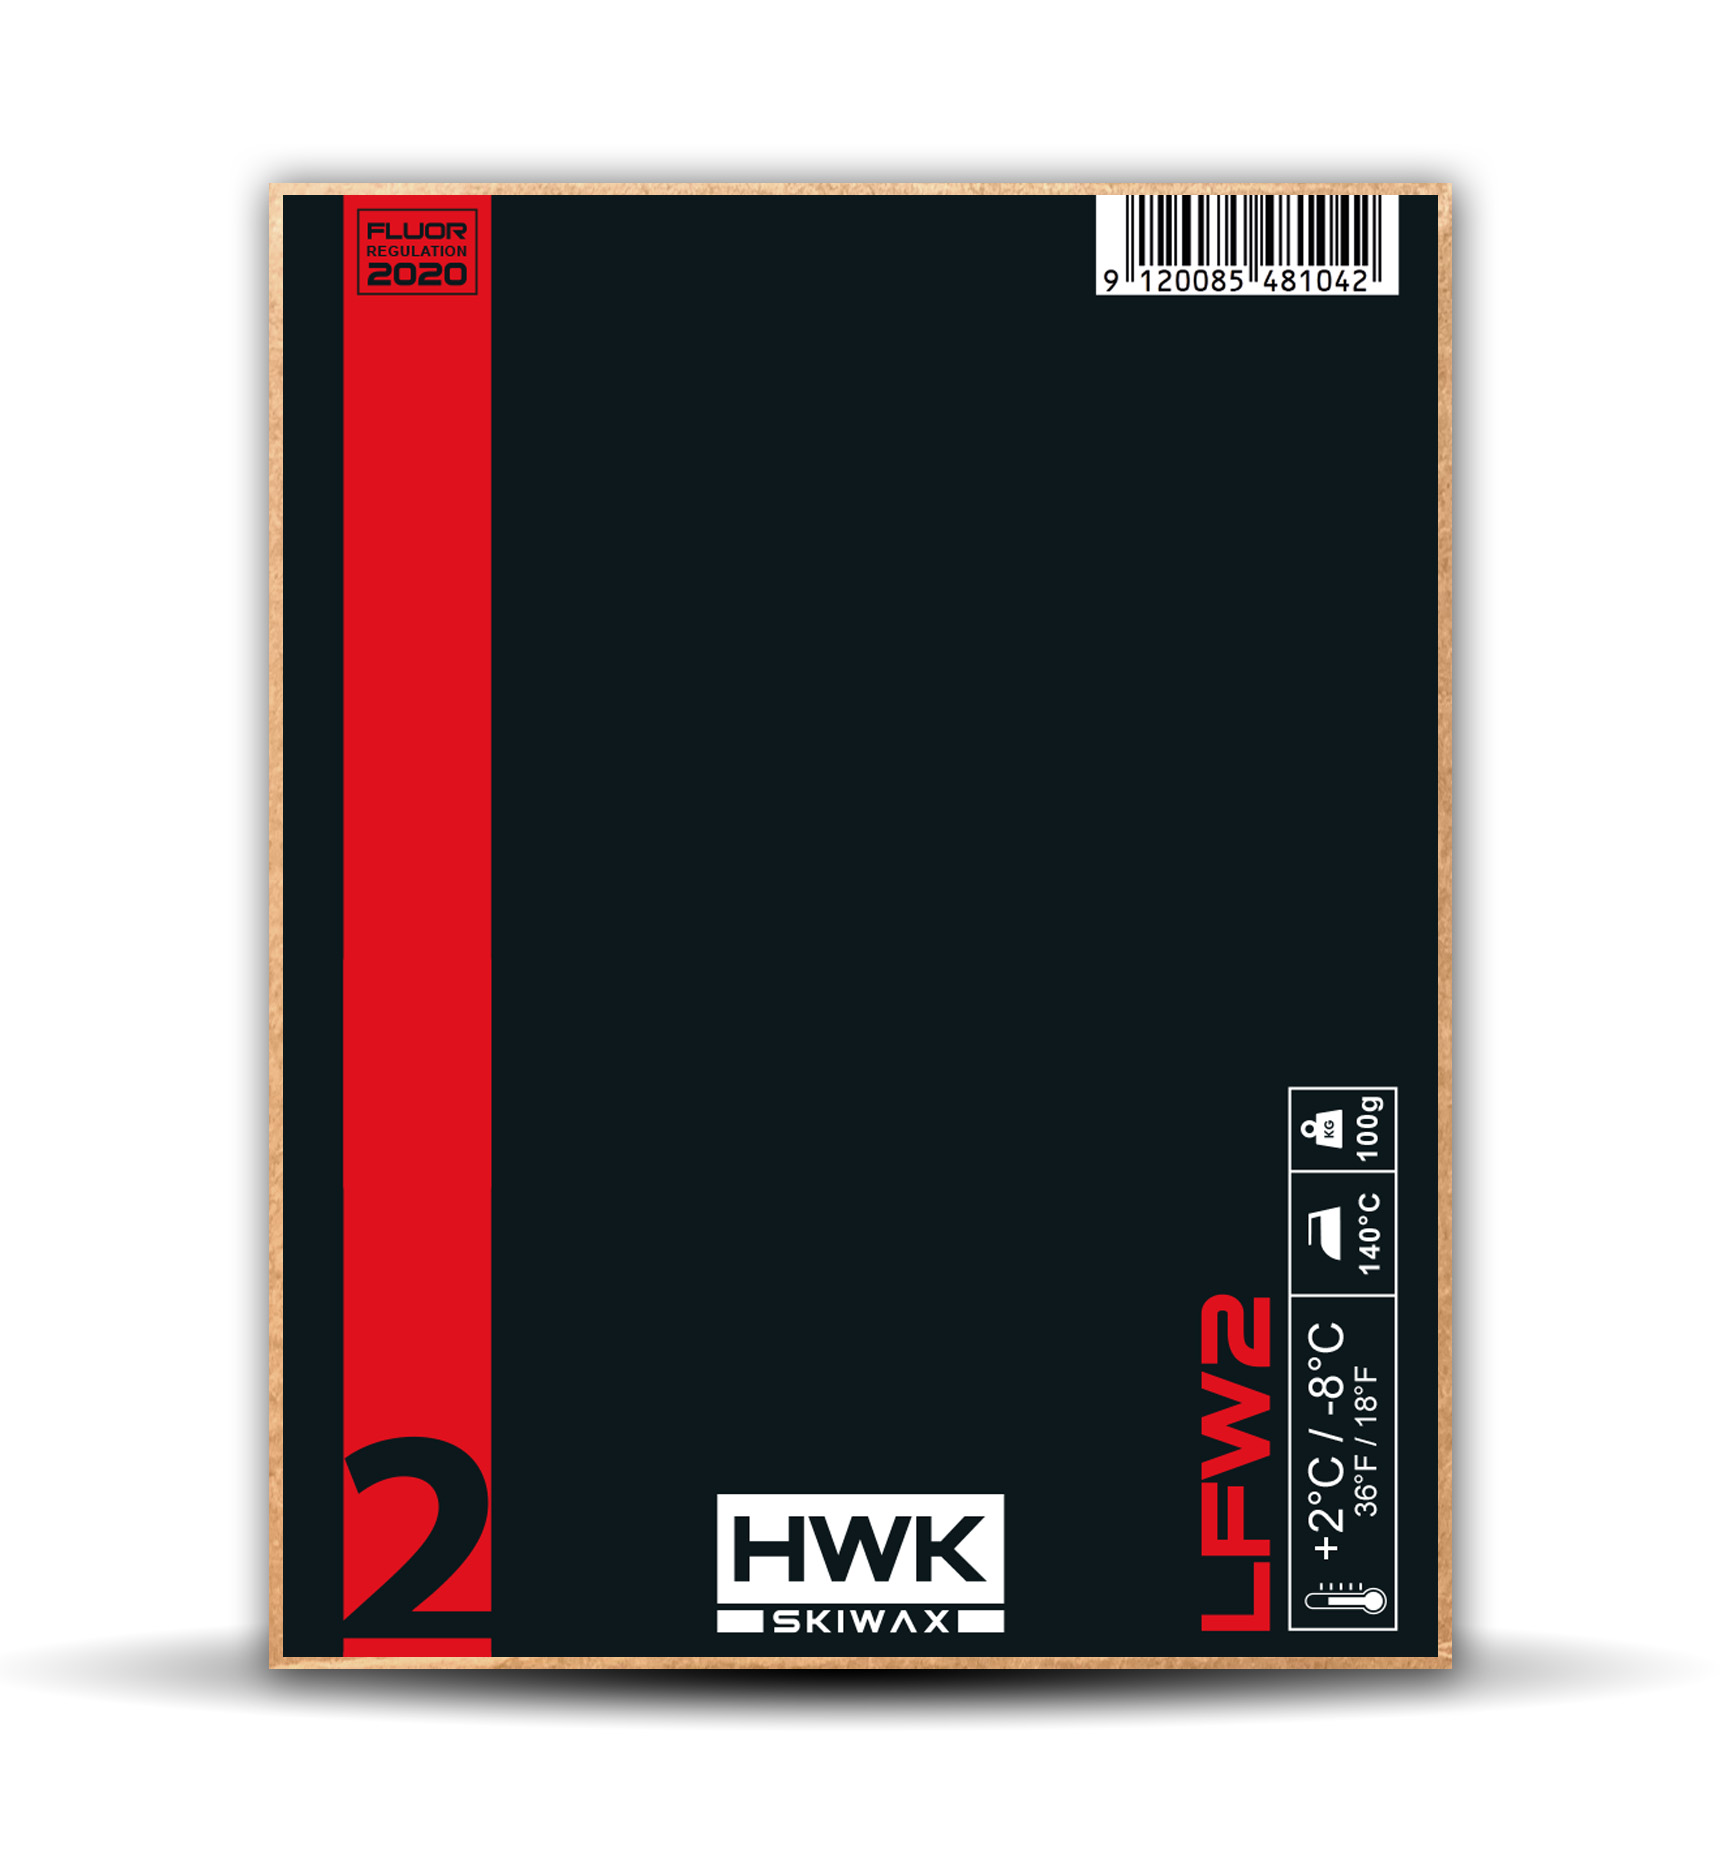 HWK LFW2 (K1)